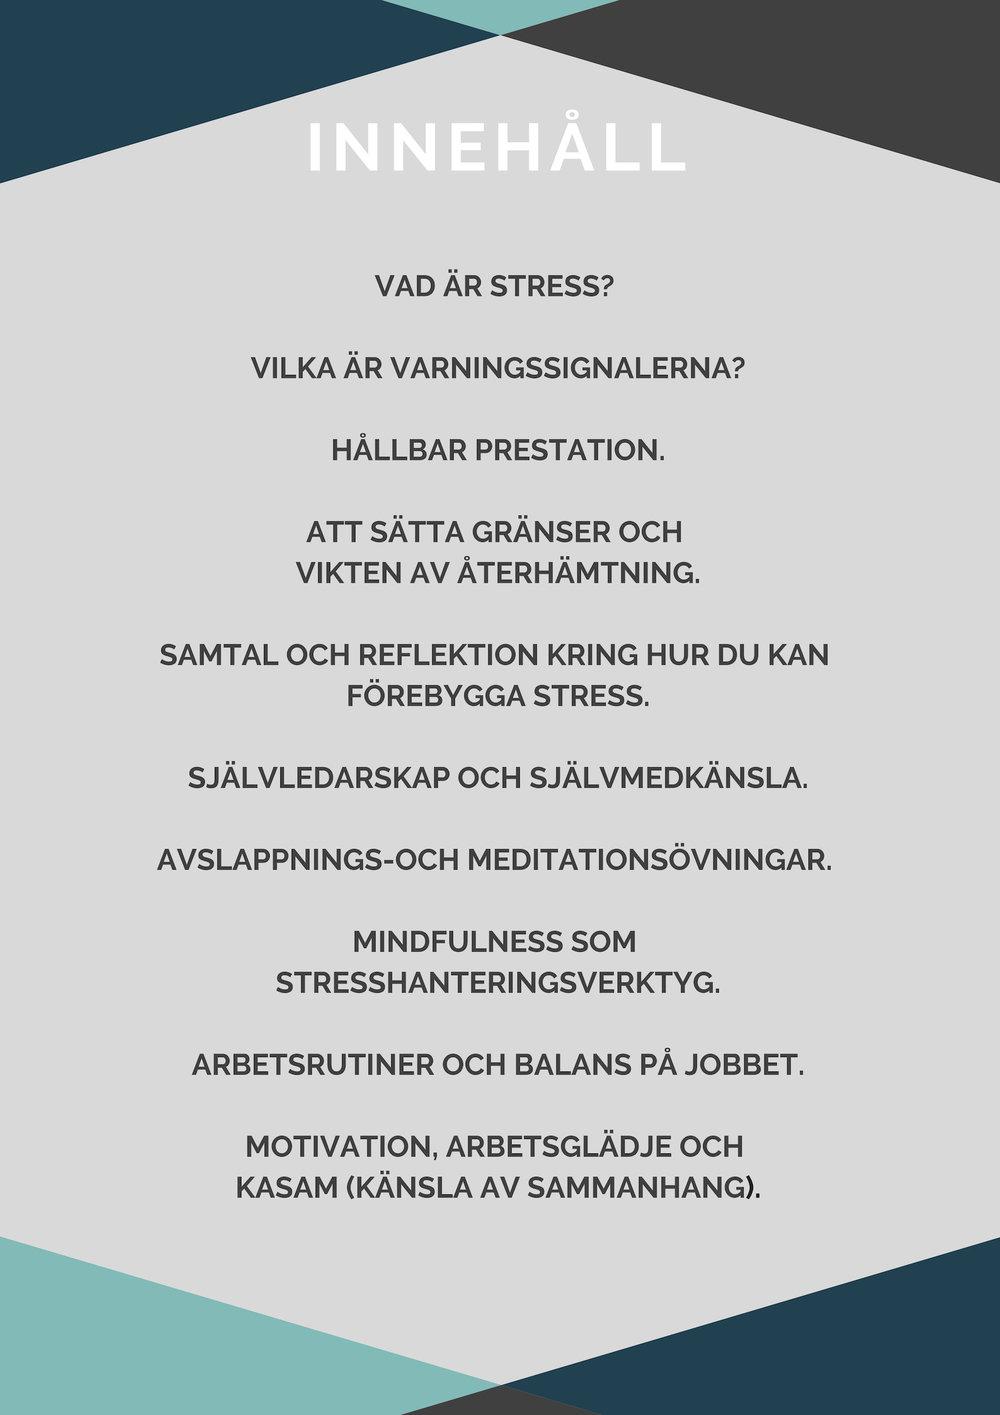 Vad är stress_ Vilka är varningssignalerna_Hållbar prestation.Att sätta gränser och vikten av återhämtning.Samtal och reflektion kring hur du kan förebygga stress.Självledarskap och självmedkänsla.Avslappnings-och me (1).jpg